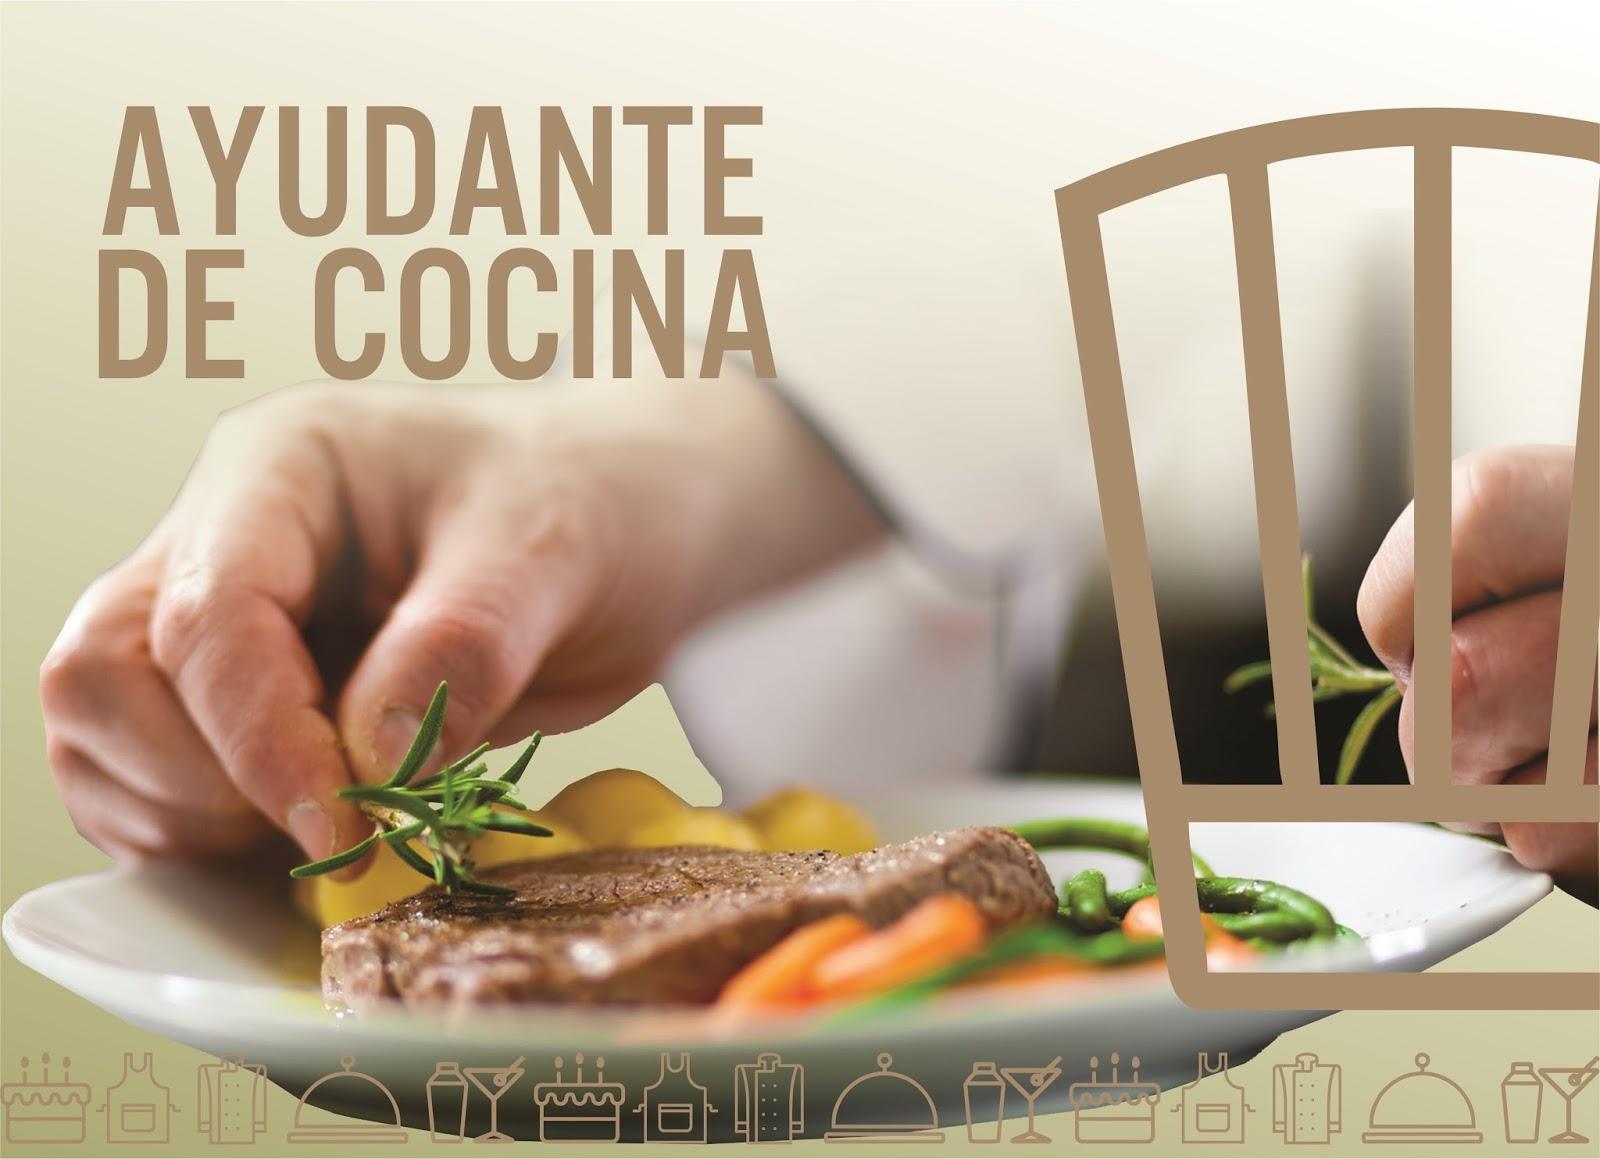 Bolsa de trabajo paraguay empleos ayudante de cocina for Ayudante cocina